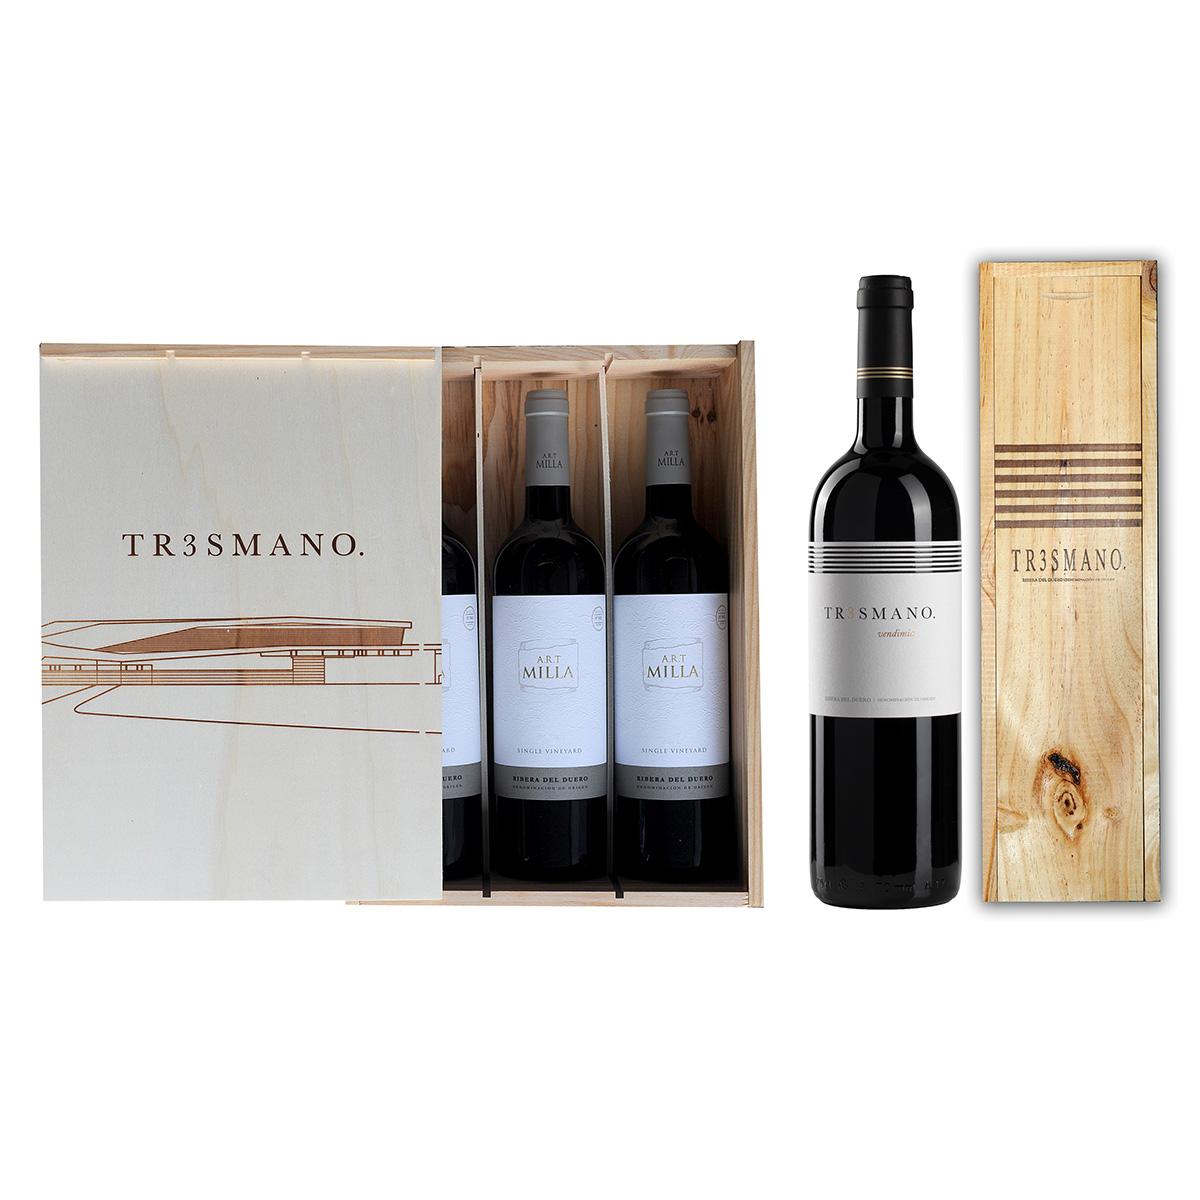 Colección Magnum + Tr3smano.